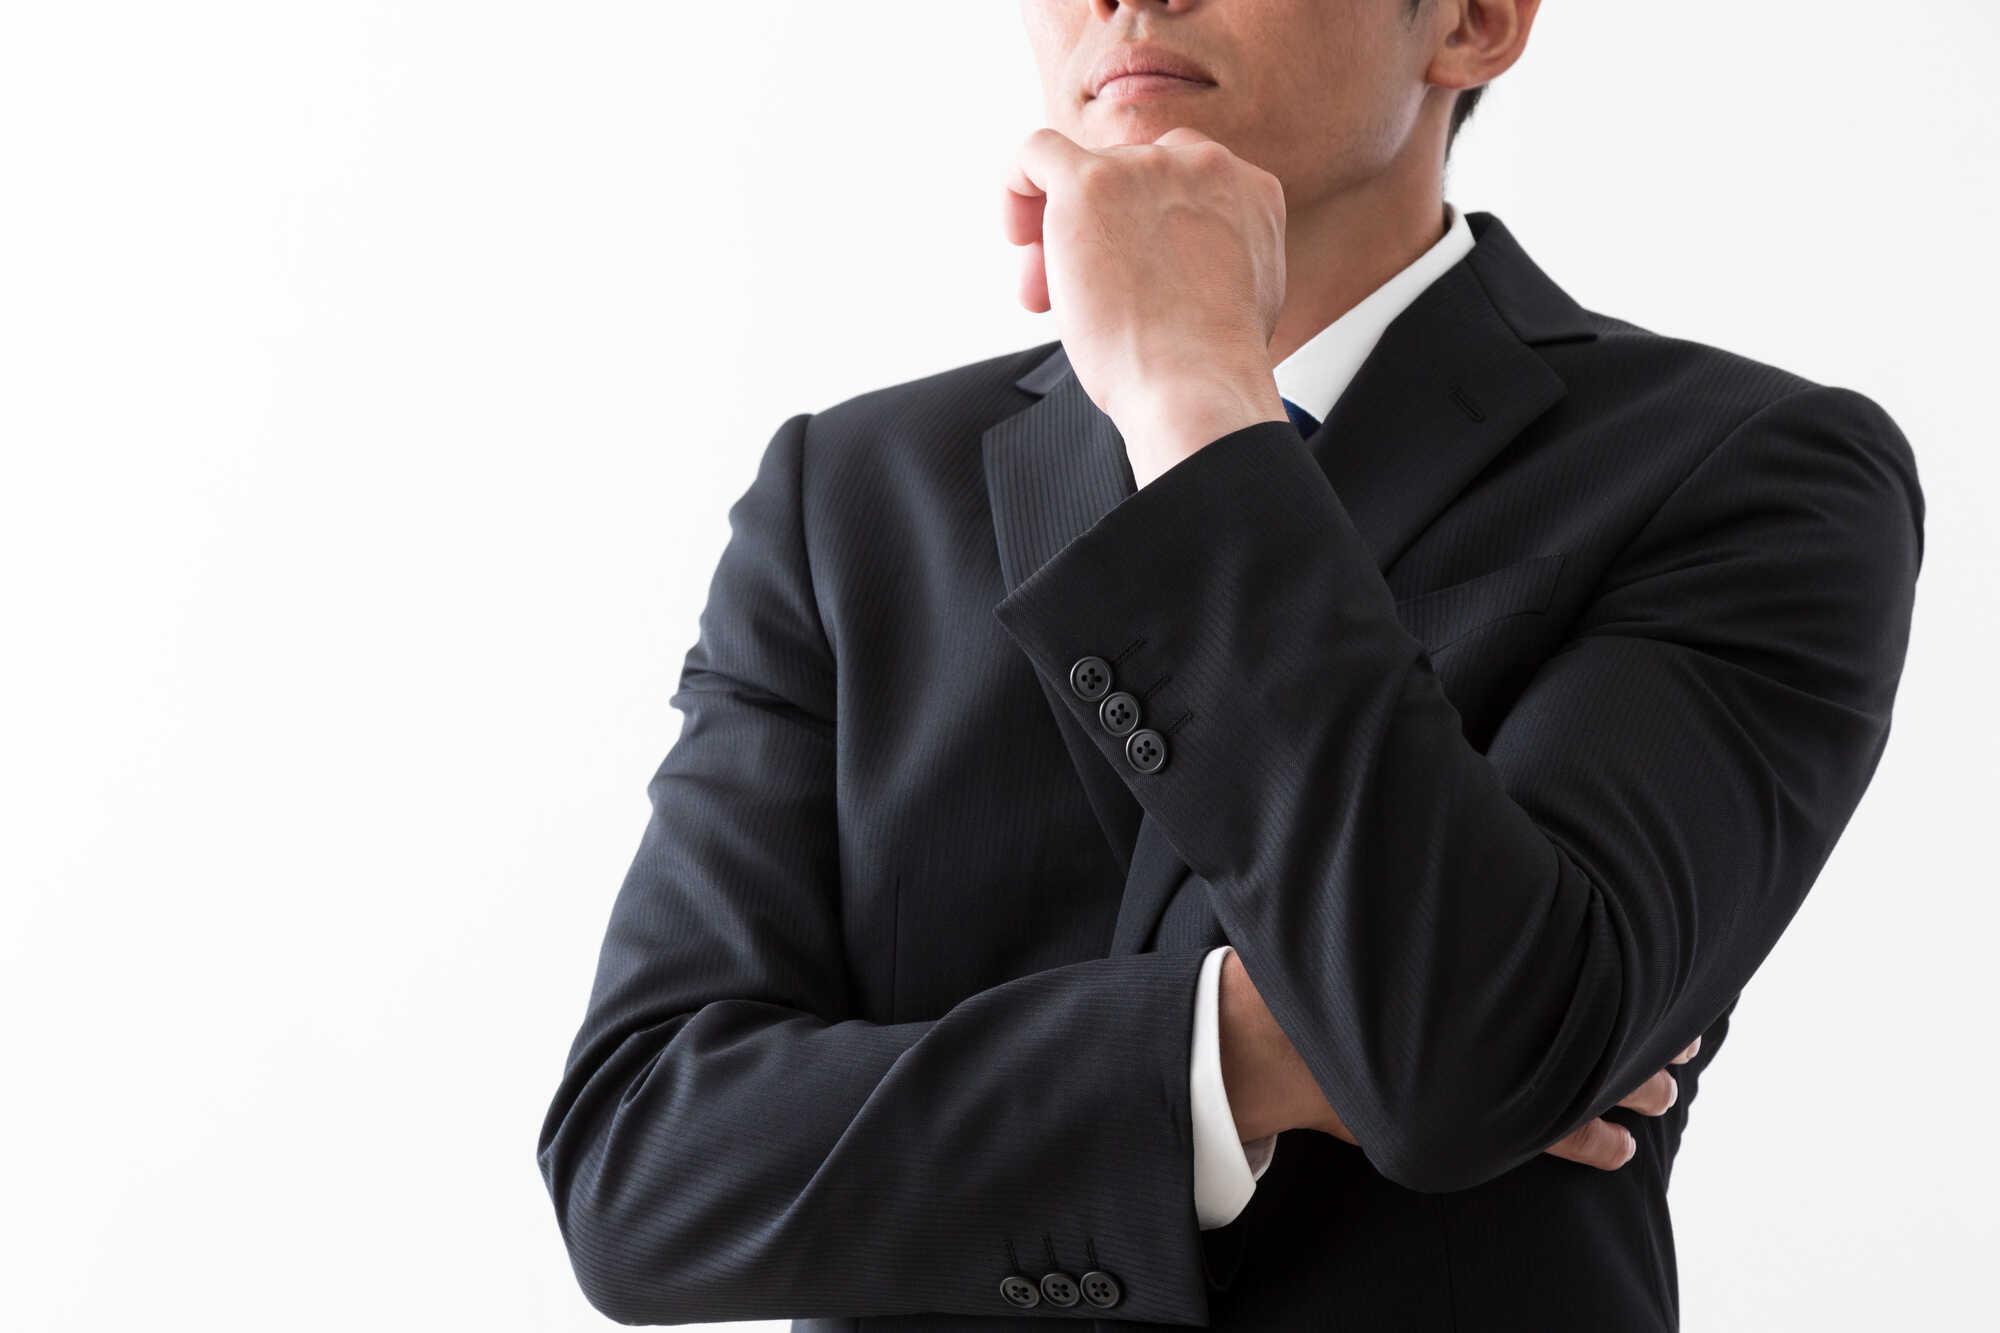 新卒採用で困難に直面している中小企業の担当者